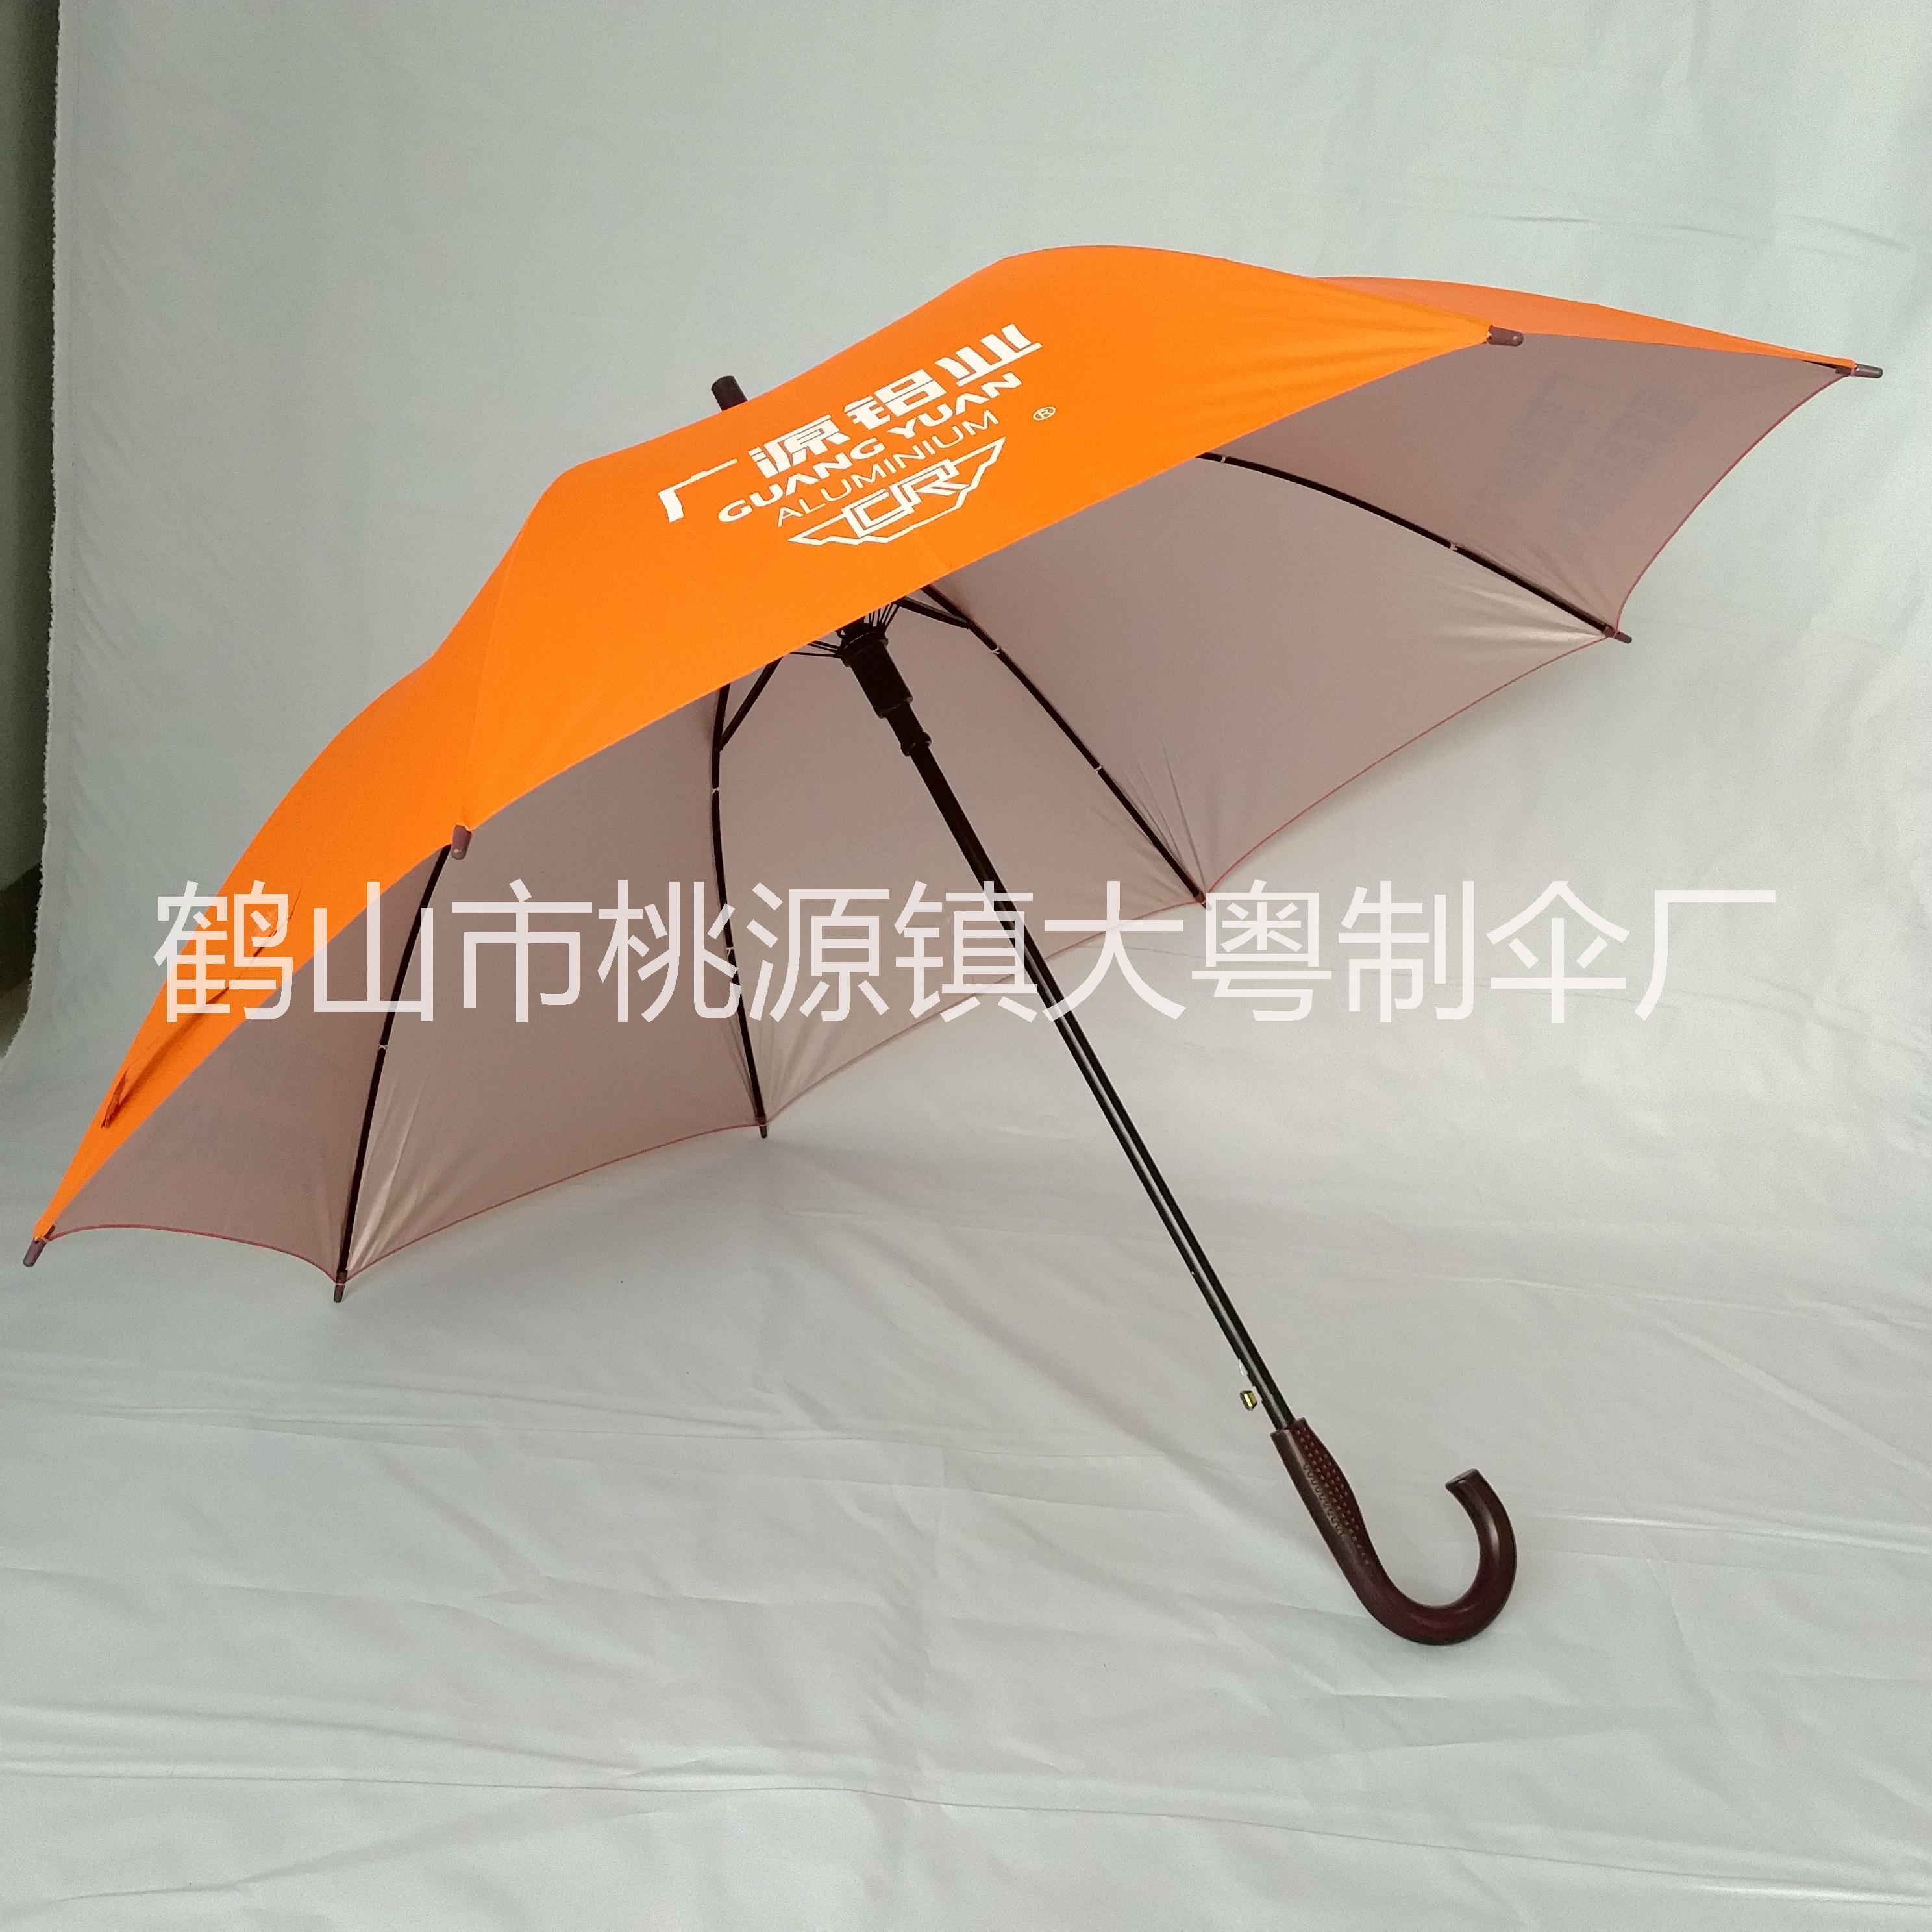 广州雨伞厂家批发 广州礼品伞供应商 订制雨伞LOGO 广告雨伞印刷厂家 雨伞免费设计